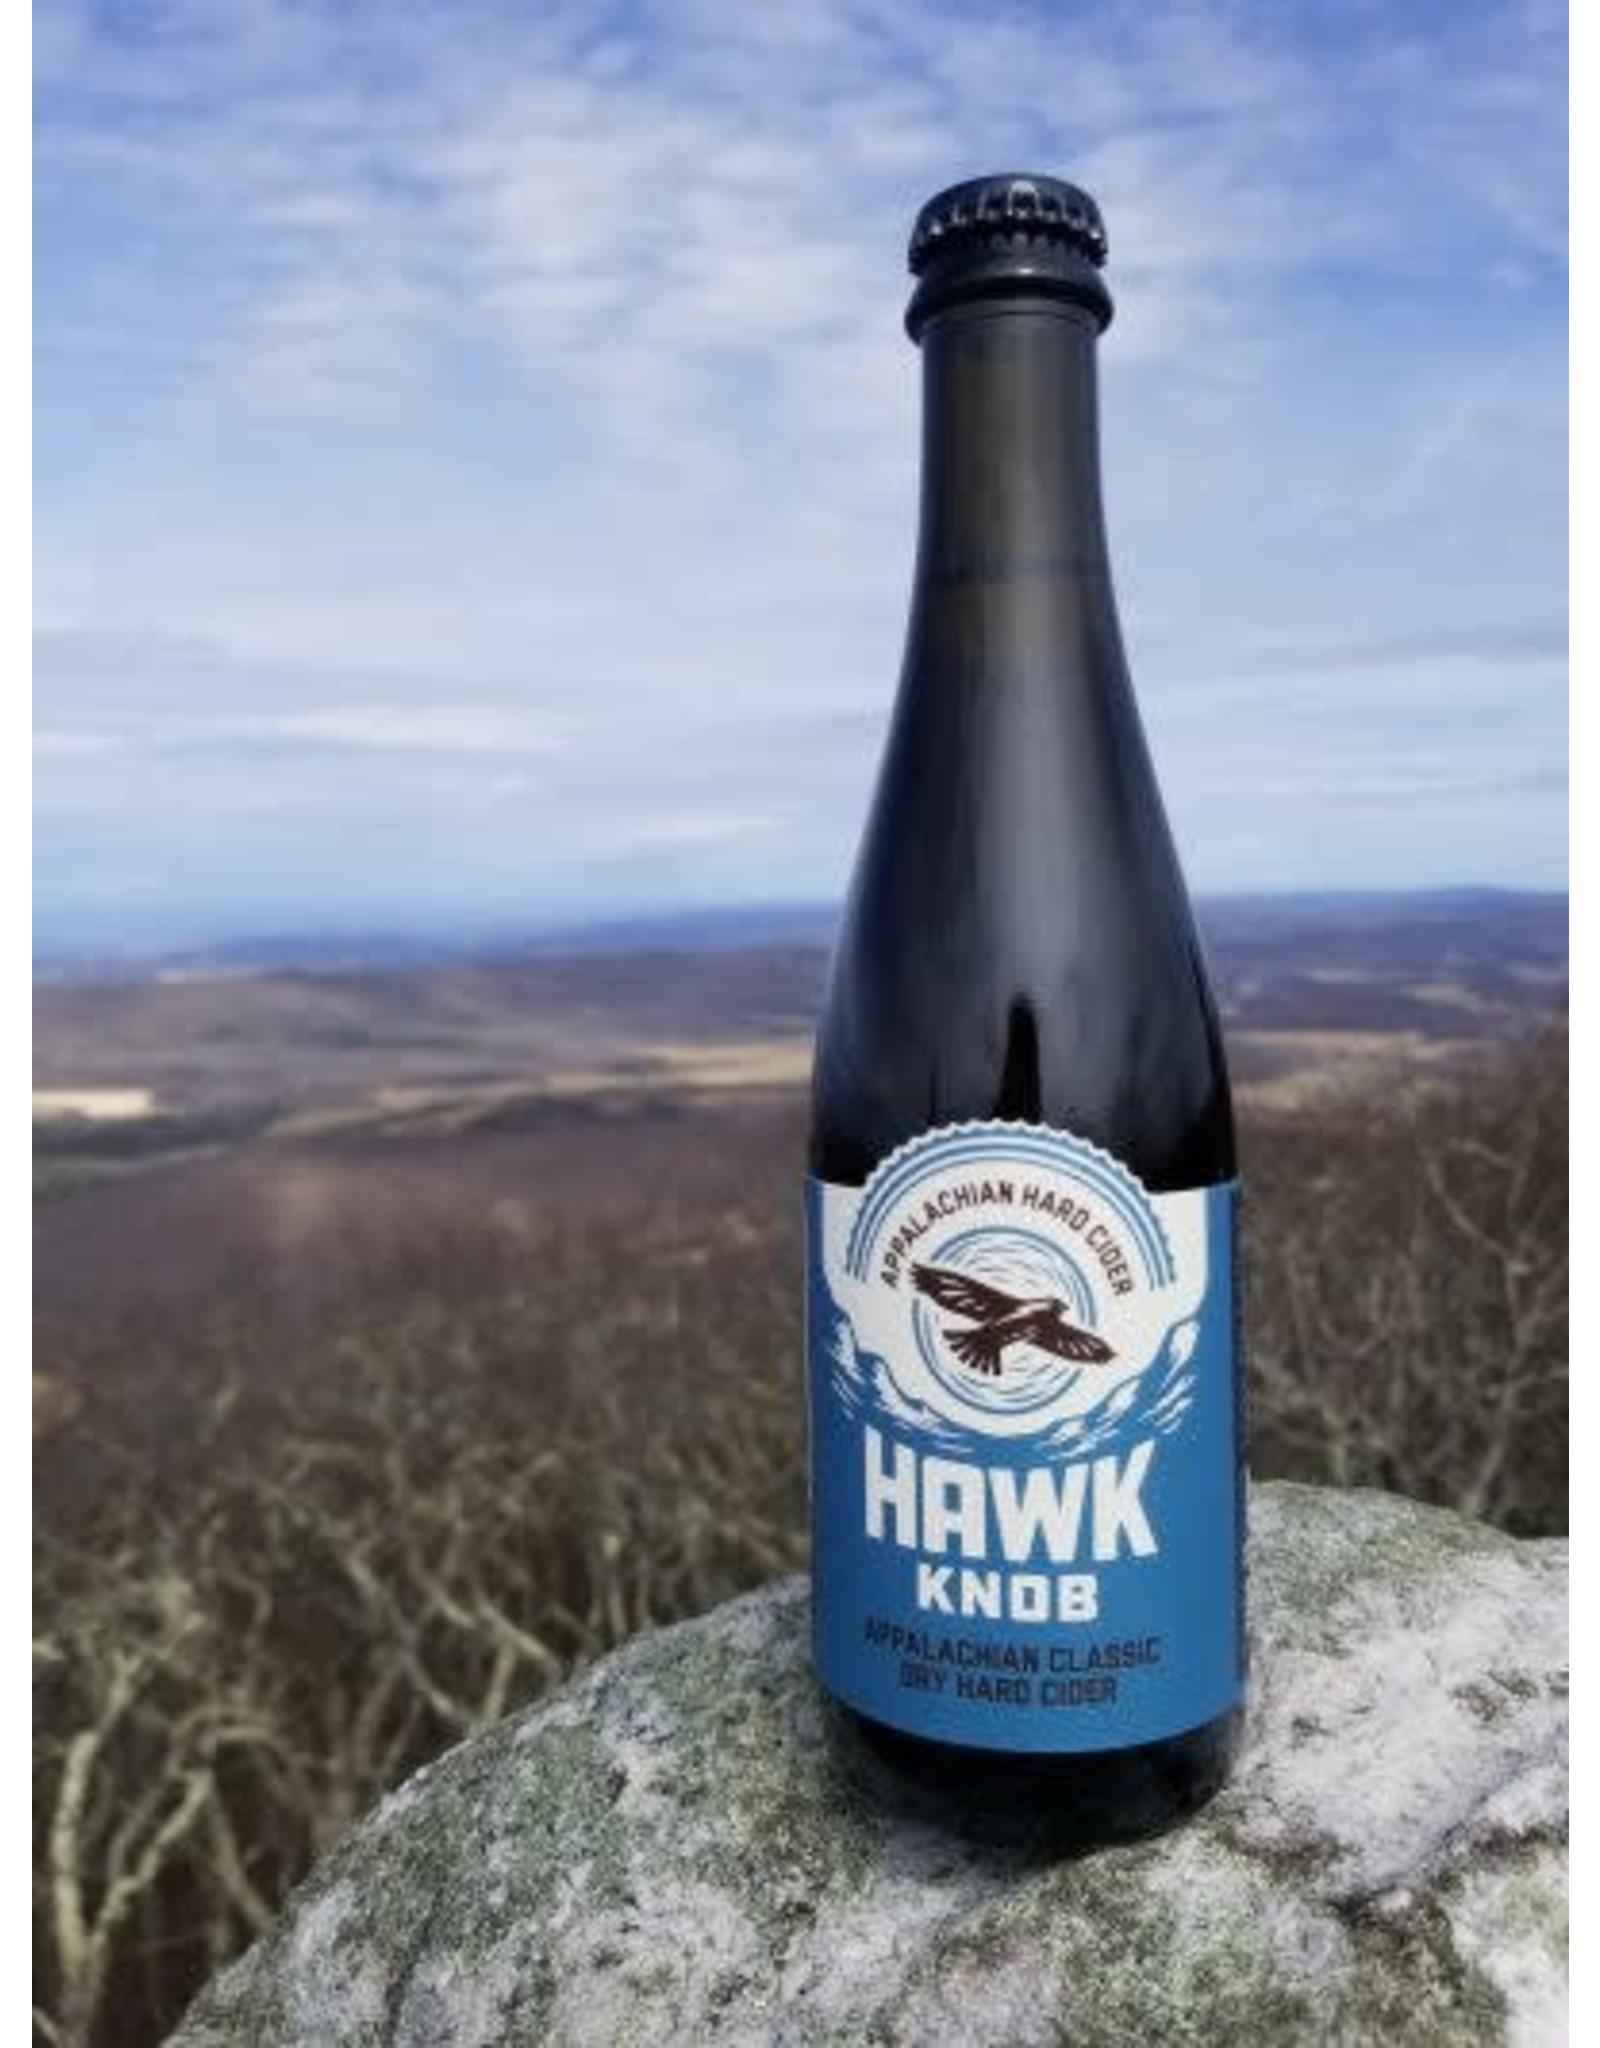 Hawk Knob Hawk Knob Appalacian Classic Dry Hard Cider